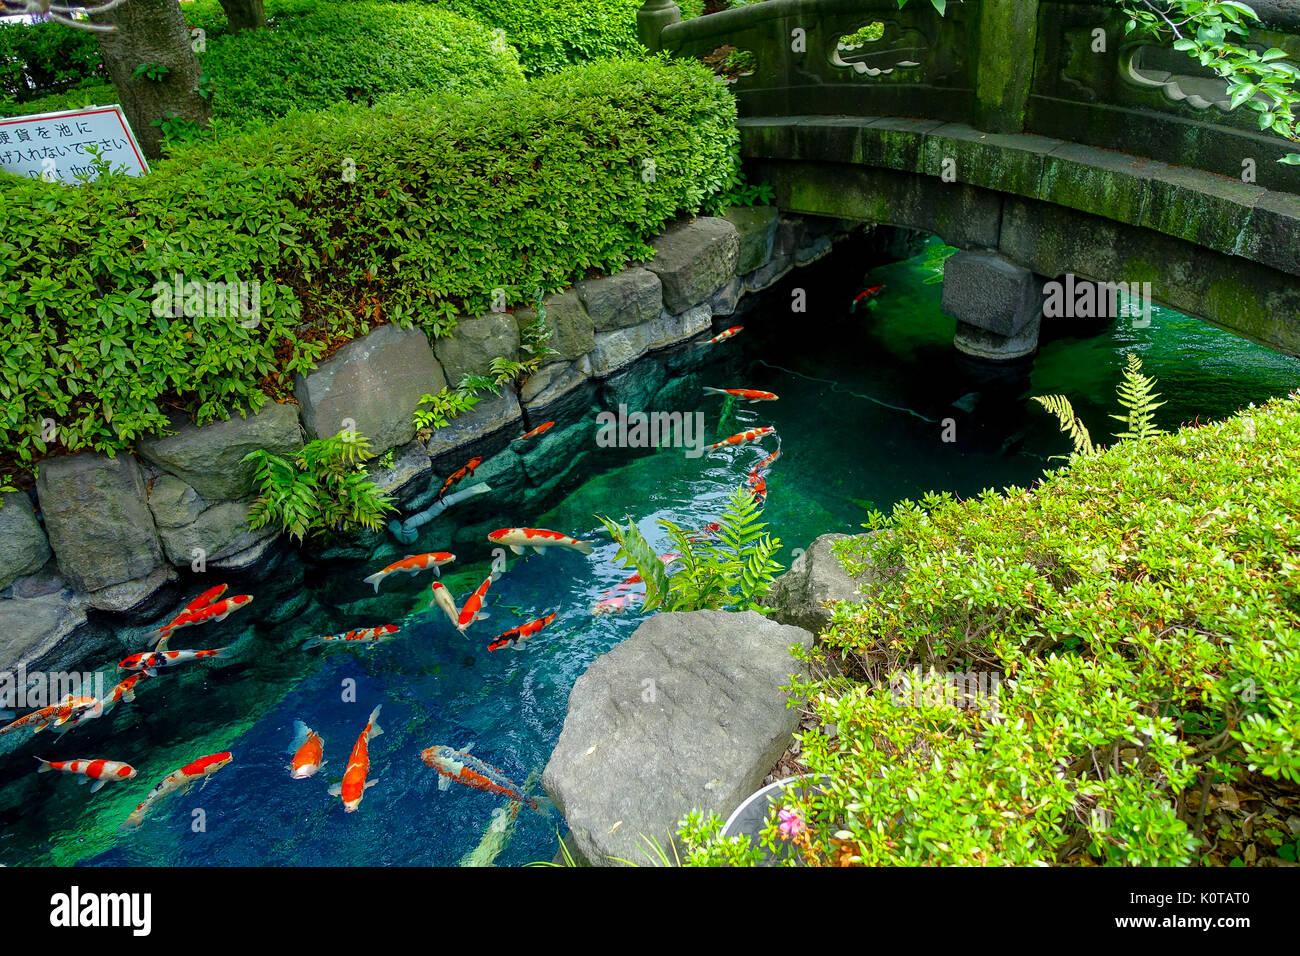 schone garten mit teich, schöne koi-fische schwimmen in pong in einem kleinen fluss, teich, Design ideen